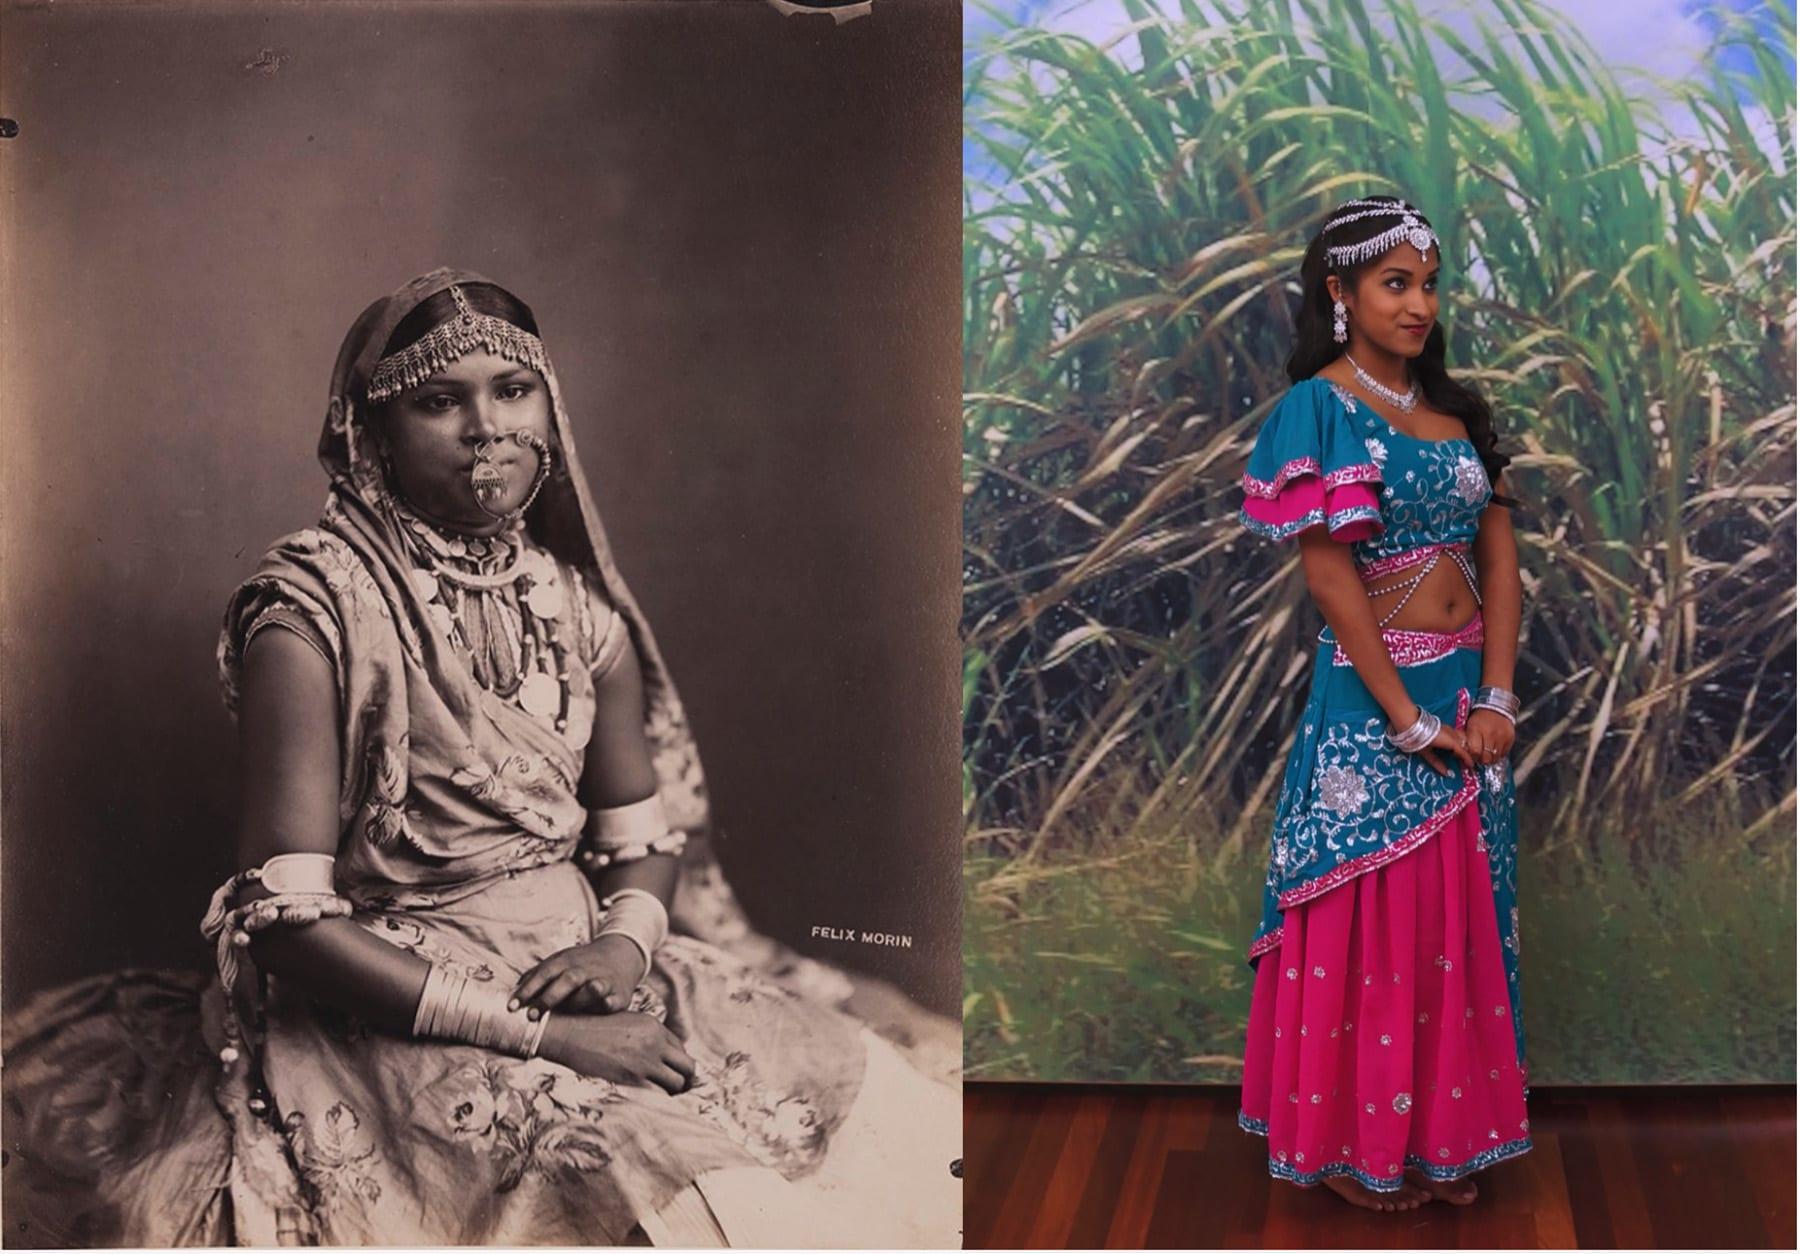 لم أصبحت الهنديات وجوهاً لهذه البطاقات البريدية في العصر الفيكتوري؟